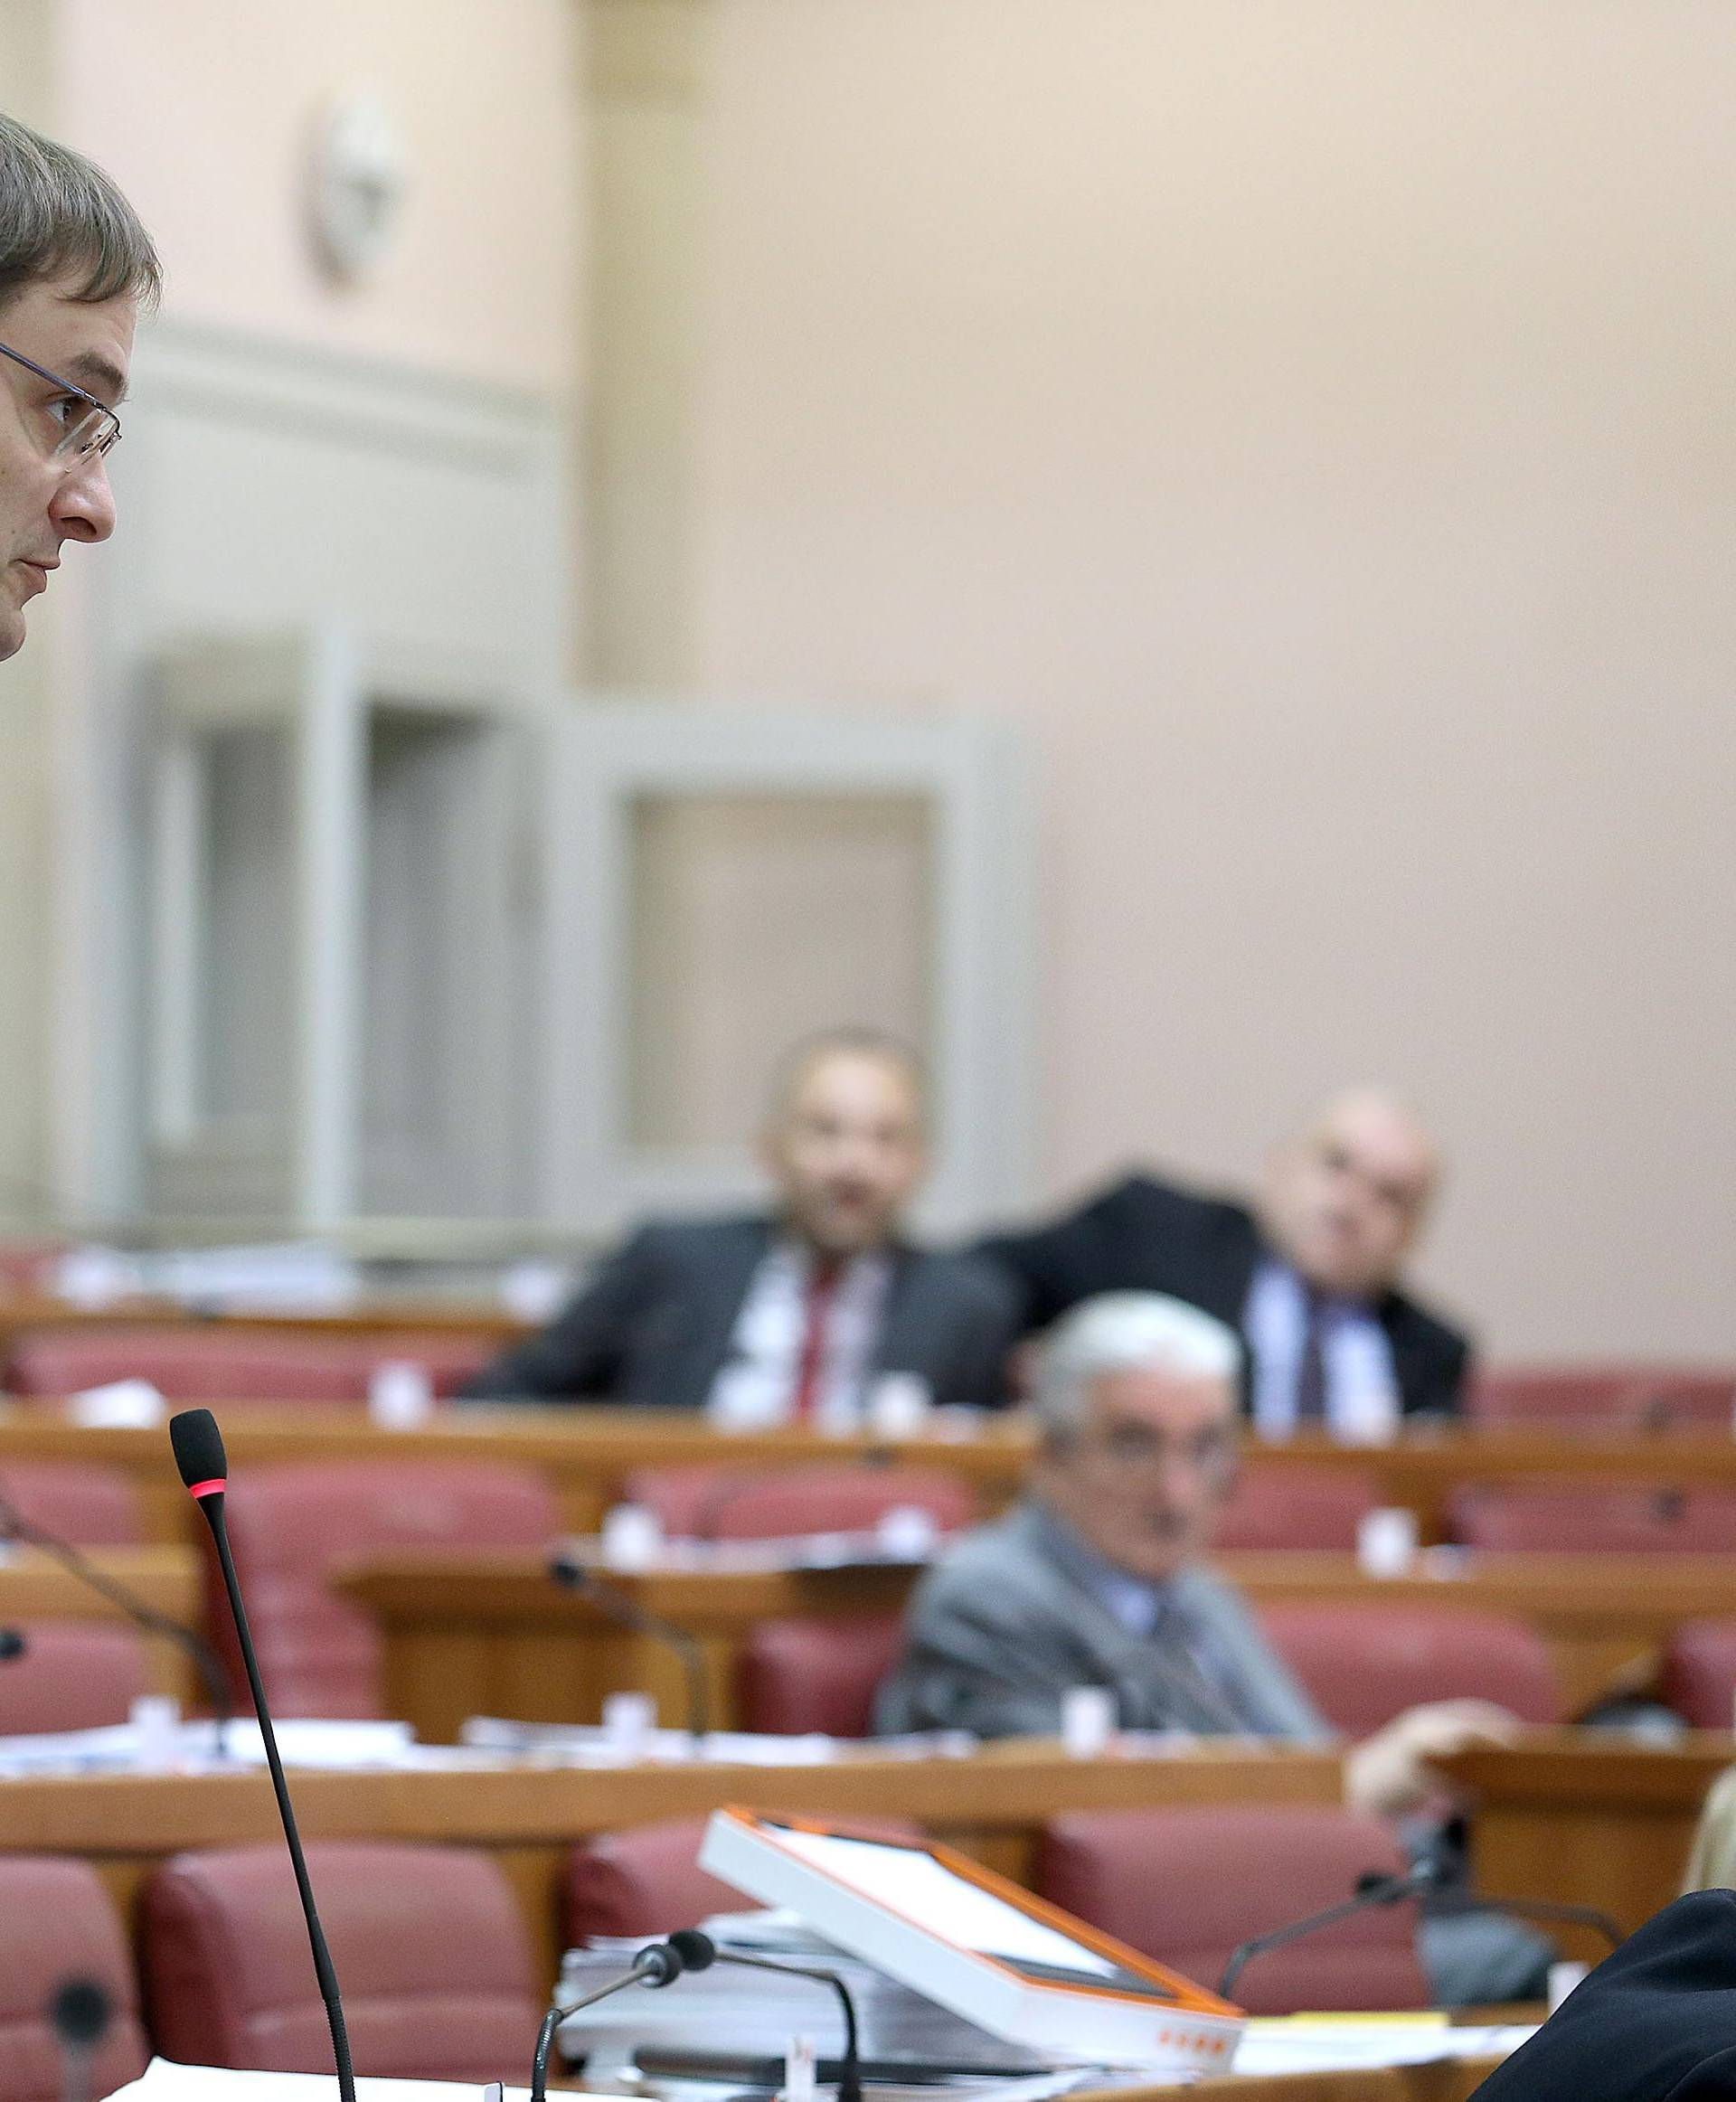 Vučetić je u Saboru održao još jedan fenomenalan govor